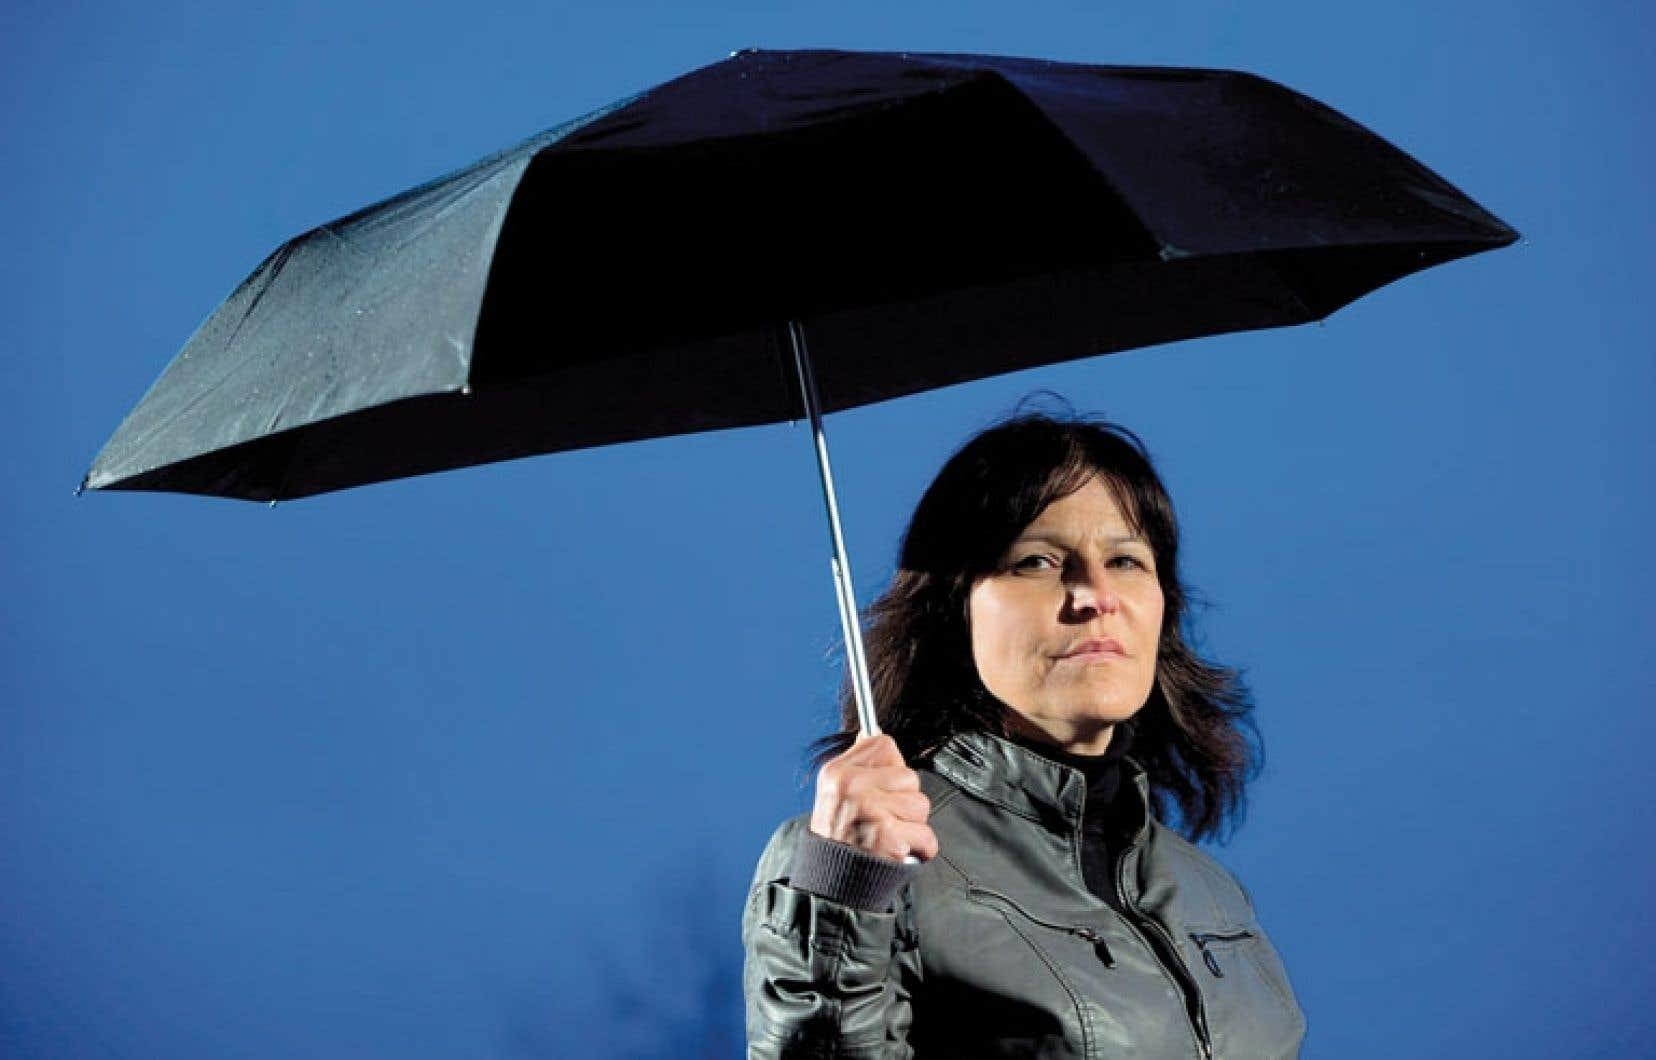 Sylvie Therrien a été renvoyée après avoir divulgué des informations à un journaliste au sujet des quotas de compressions que l'on imposait aux fonctionnaires de l'assurance-emploi.